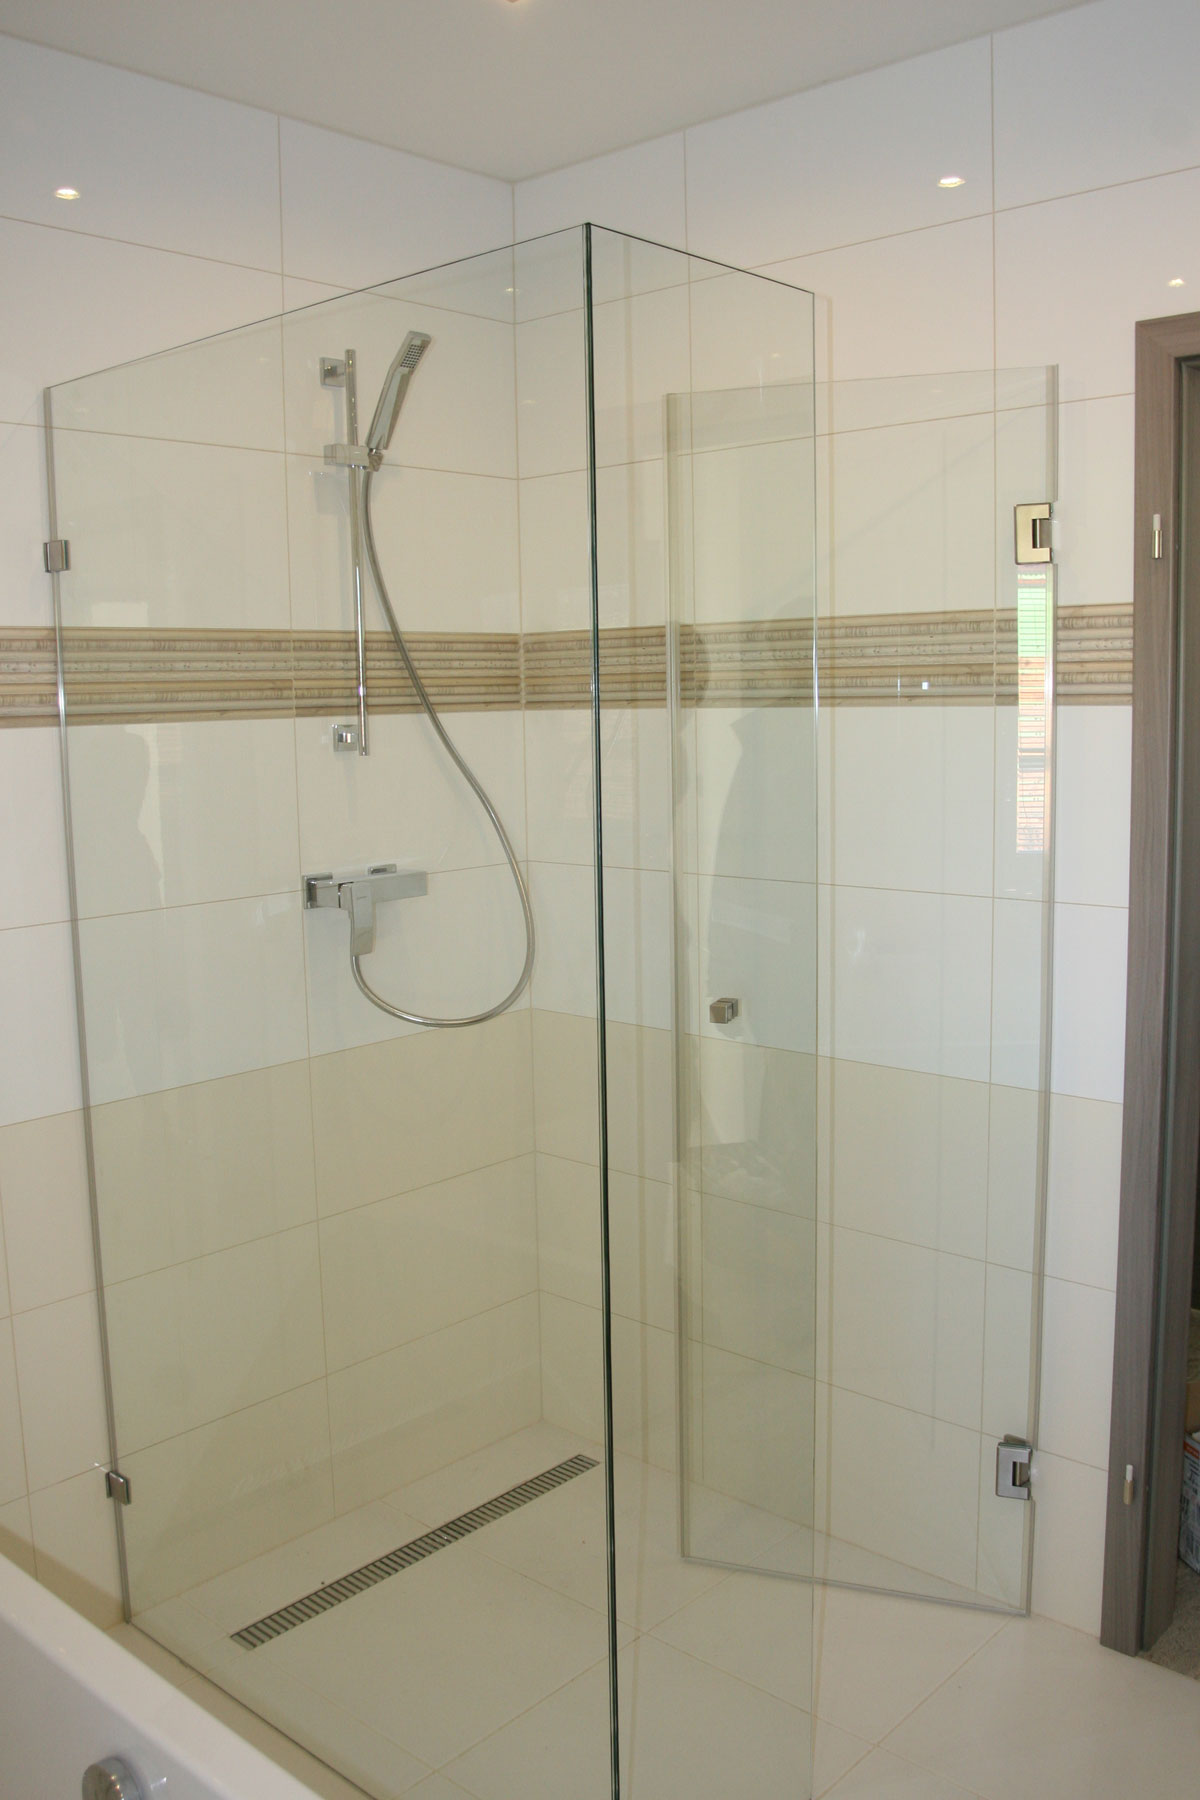 Sklenarstvi-Prerost-sprchove- kouty-a-sprchy (41)